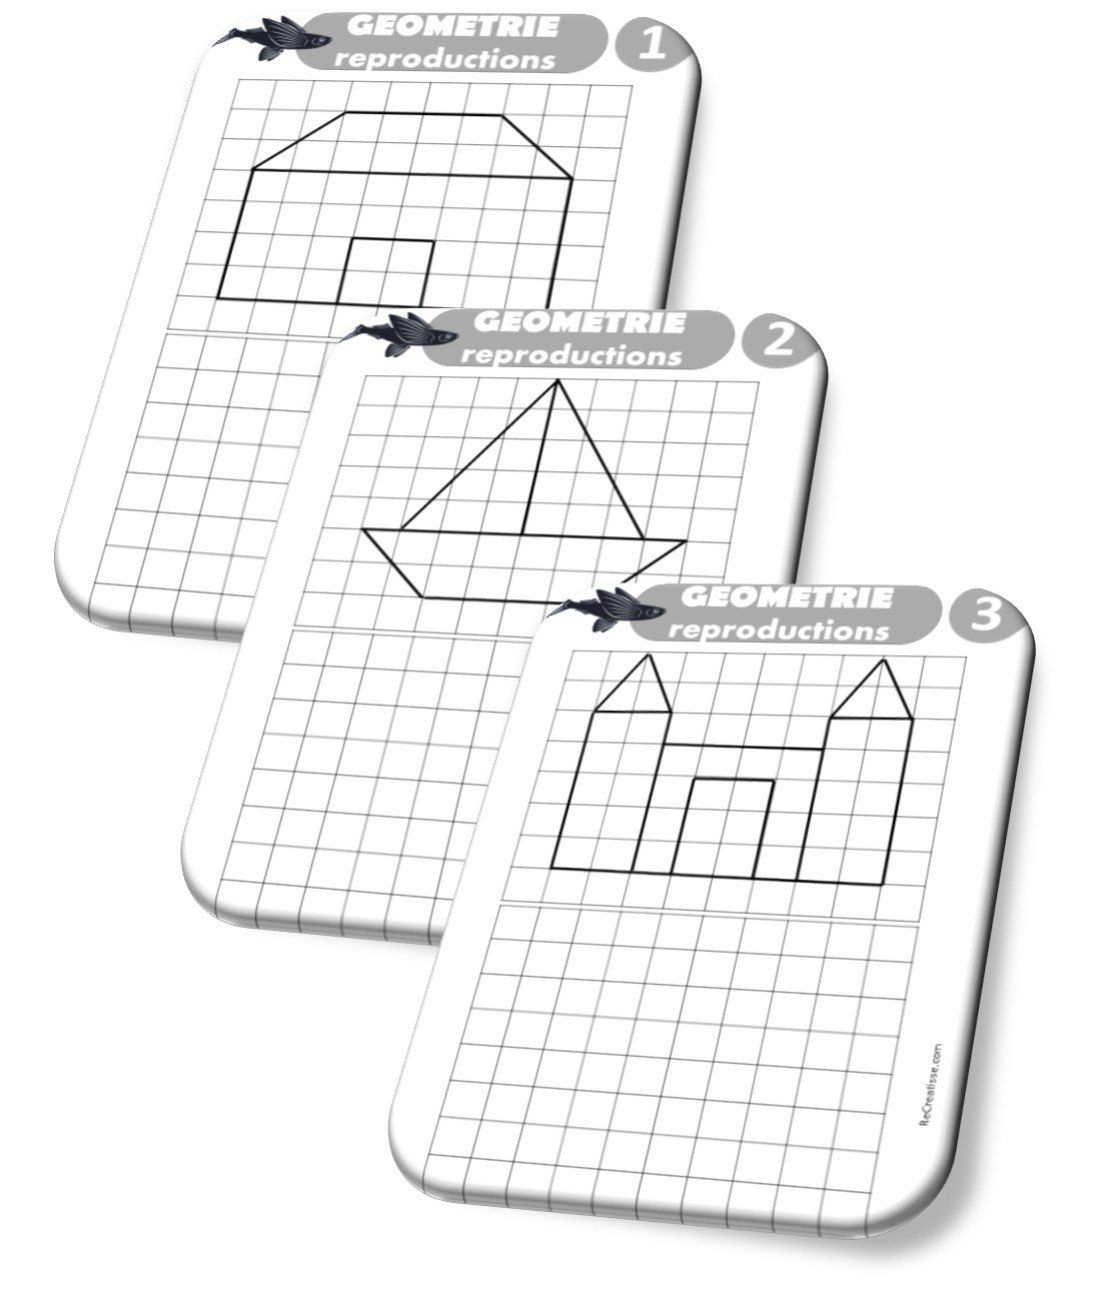 Séquence Géométrie : Repérage Et Orientation Dans L'espace dedans Reproduction Sur Quadrillage Ce2